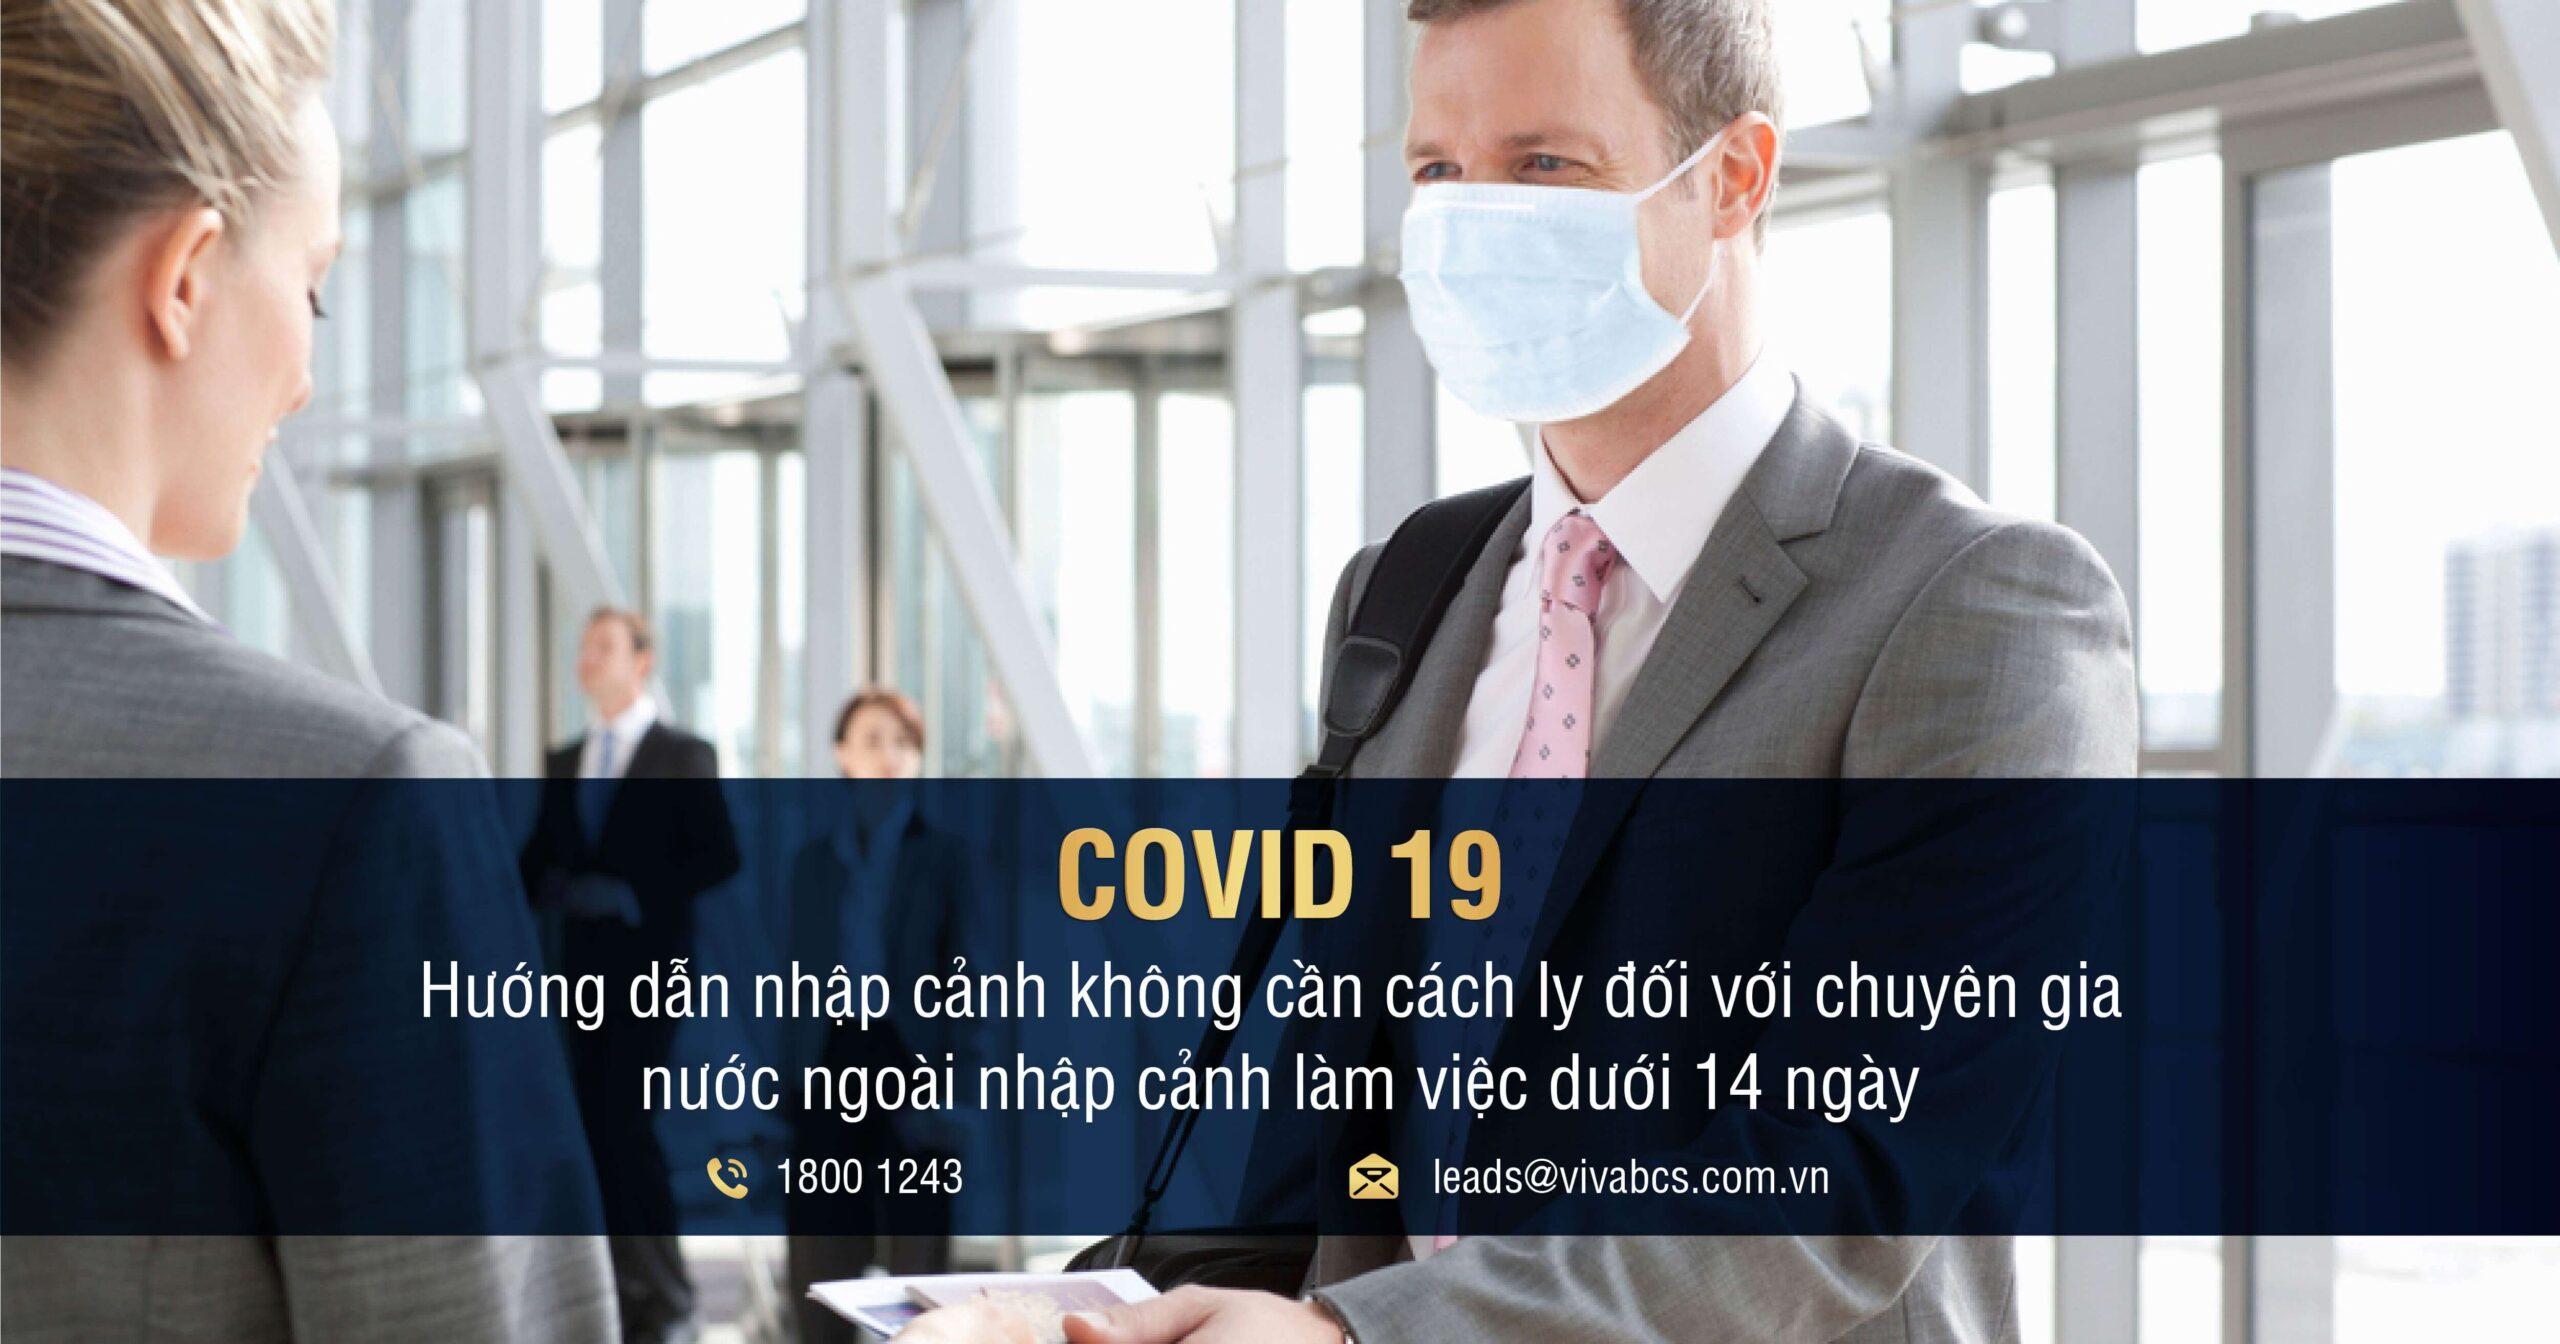 Nhập cảnh đối với người nước ngoài vào Việt Nam làm việc dưới 14 ngày